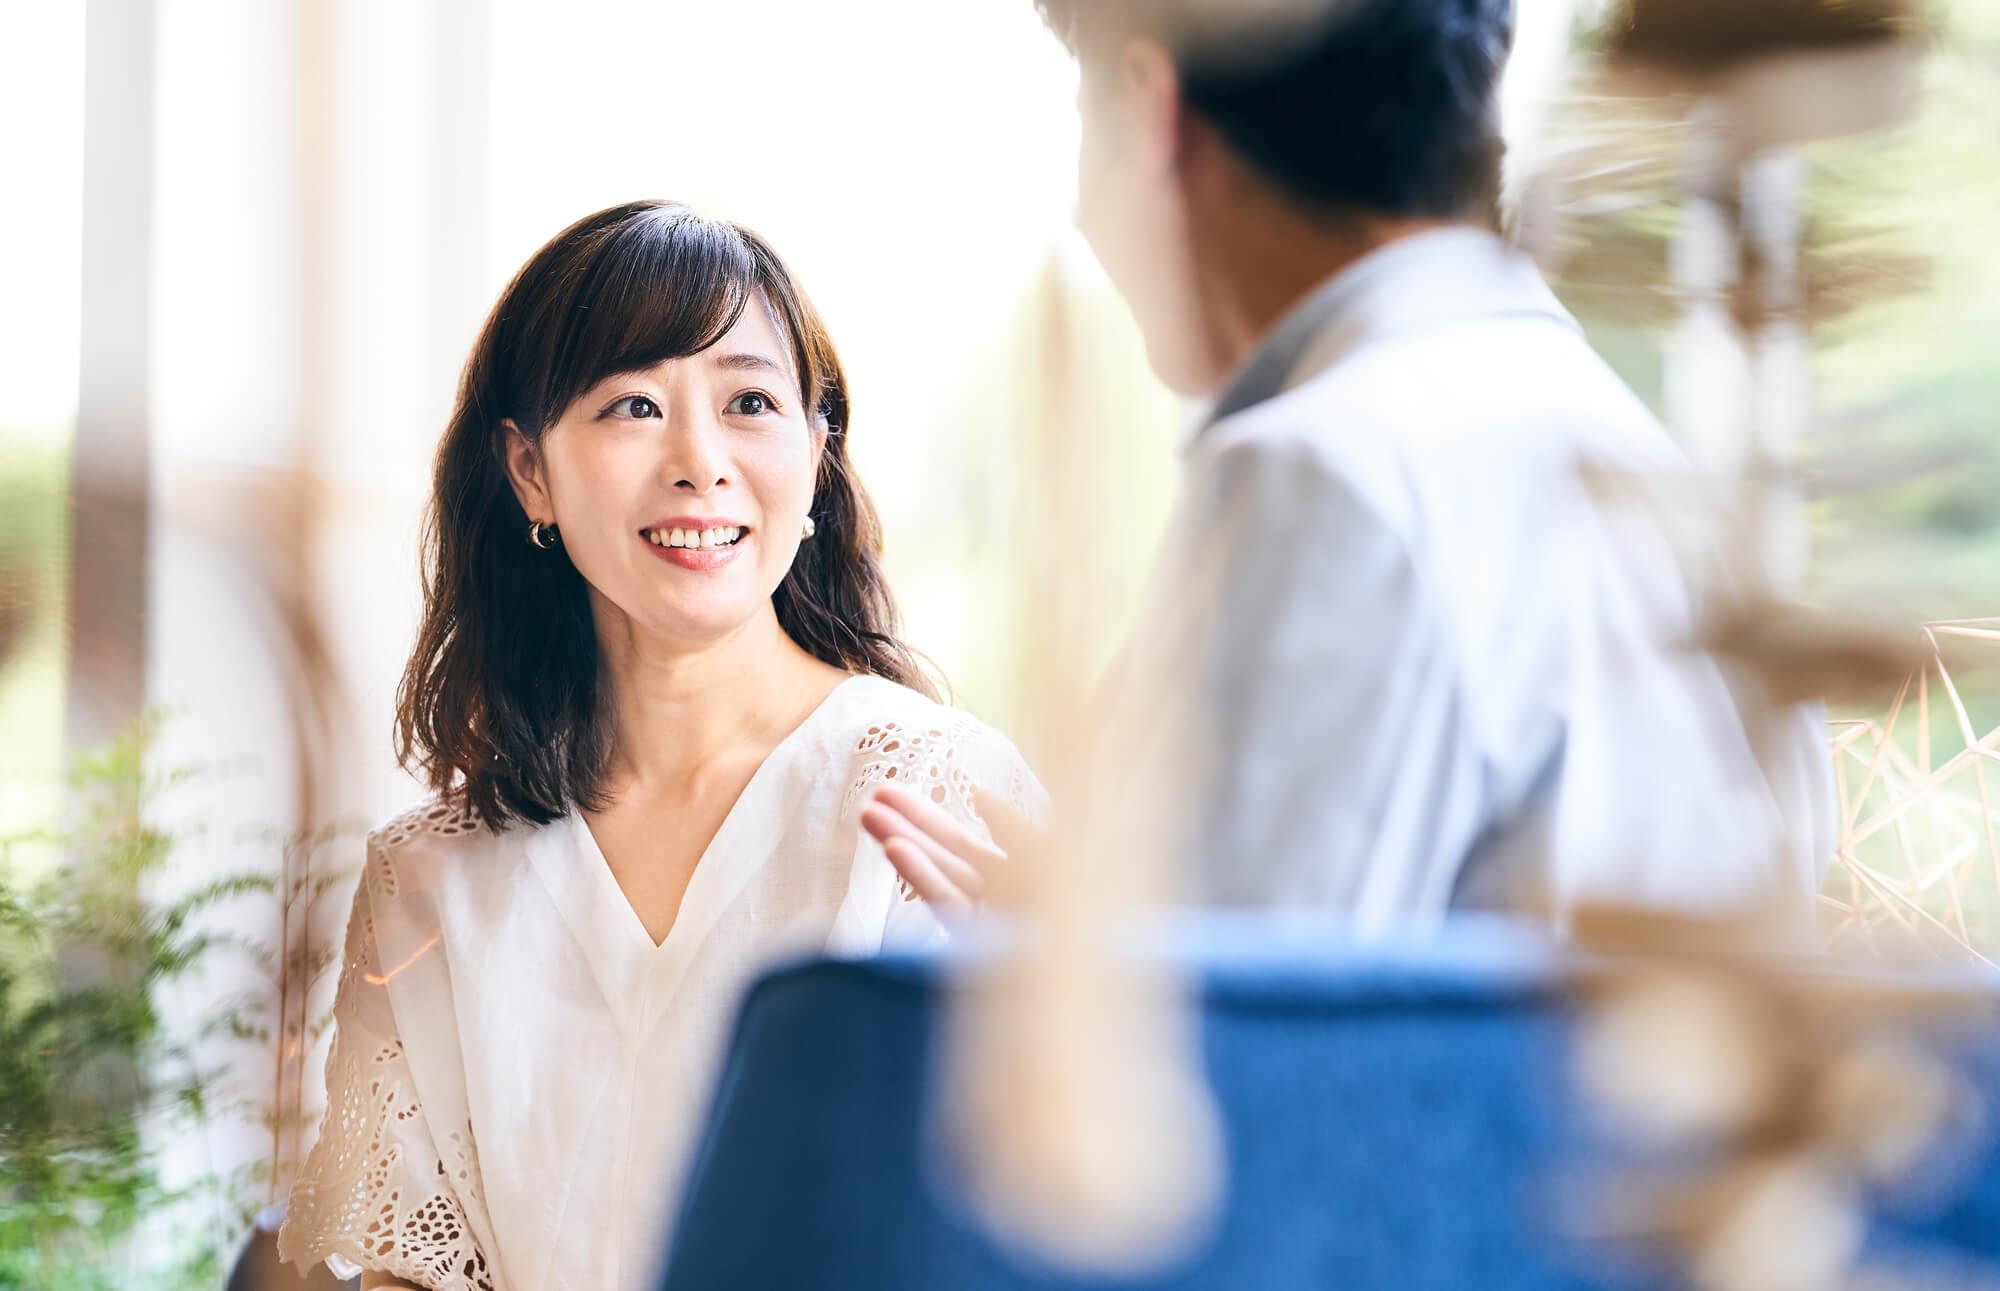 メンタルトレーニングで精神的に良い方向に変わることができた50代の女性